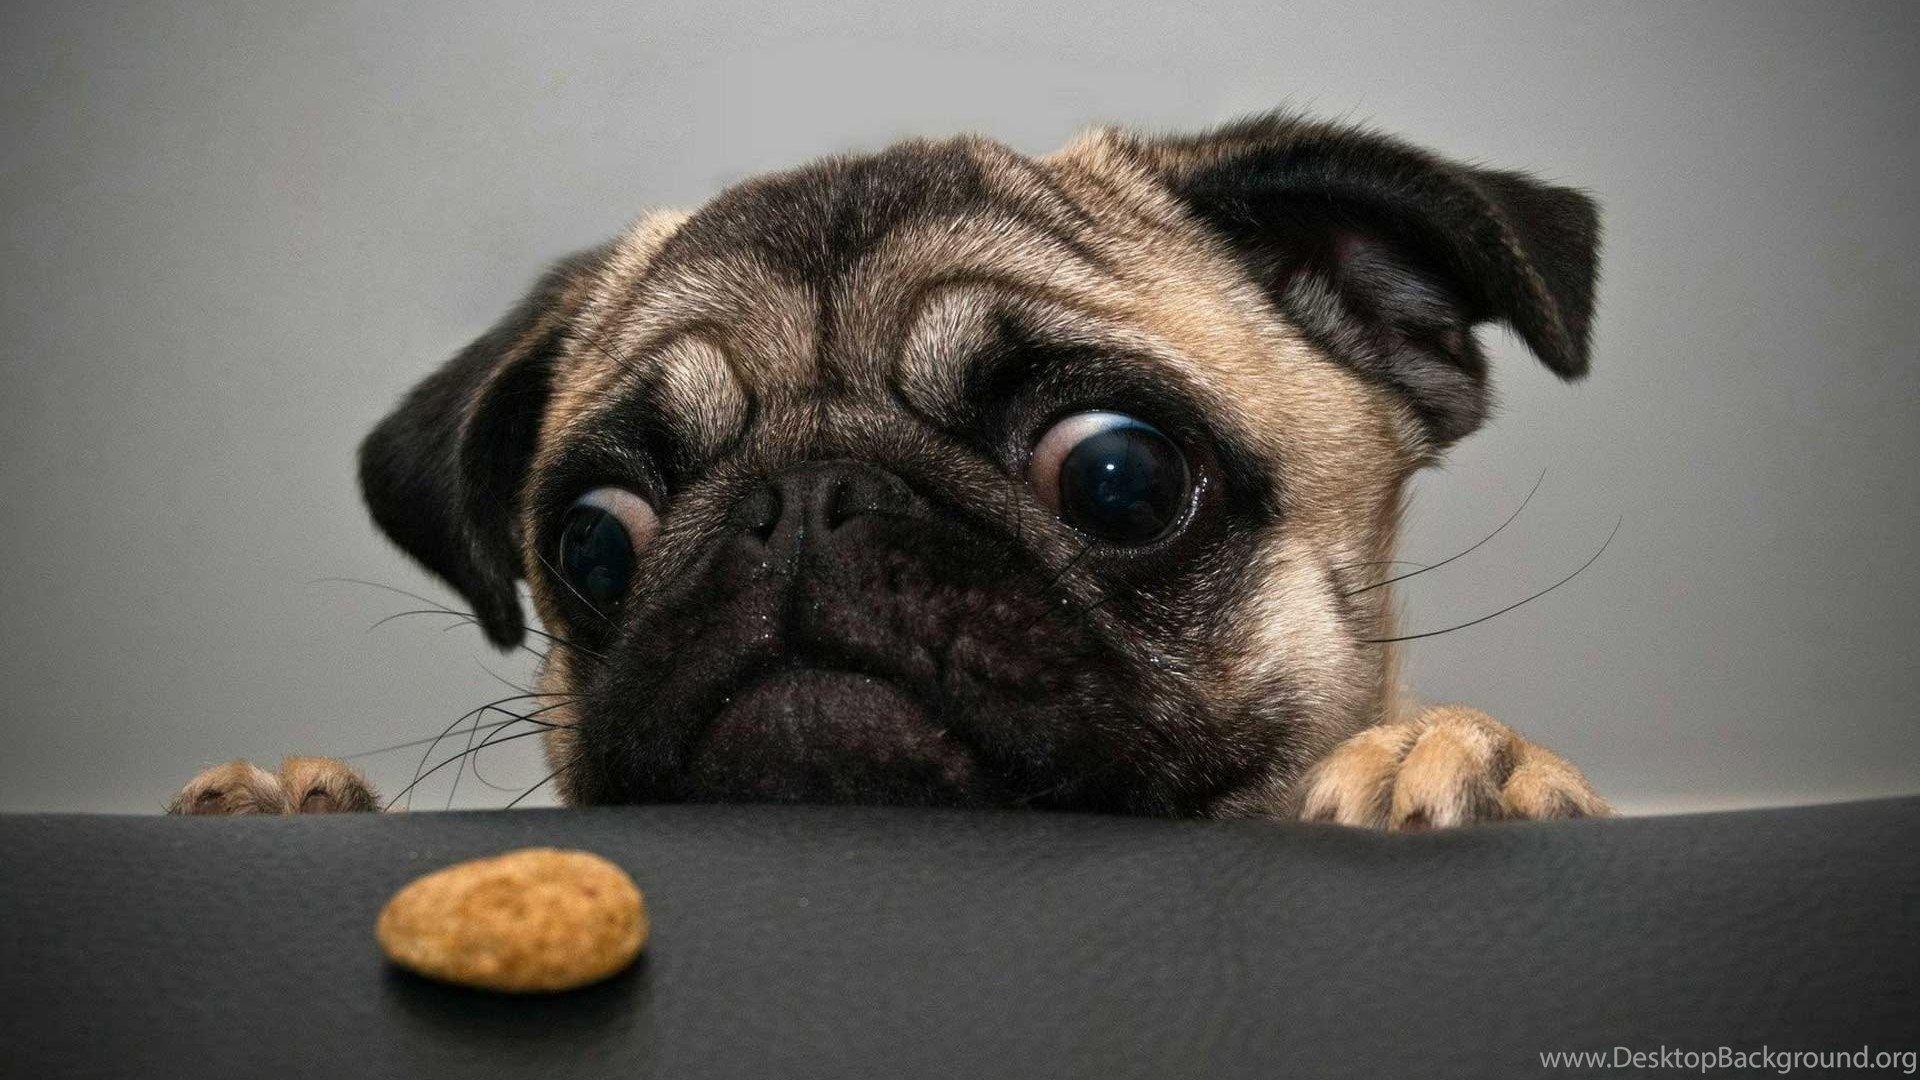 Weird Animals Desktop Wallpapers - Top Free Weird Animals Desktop ...